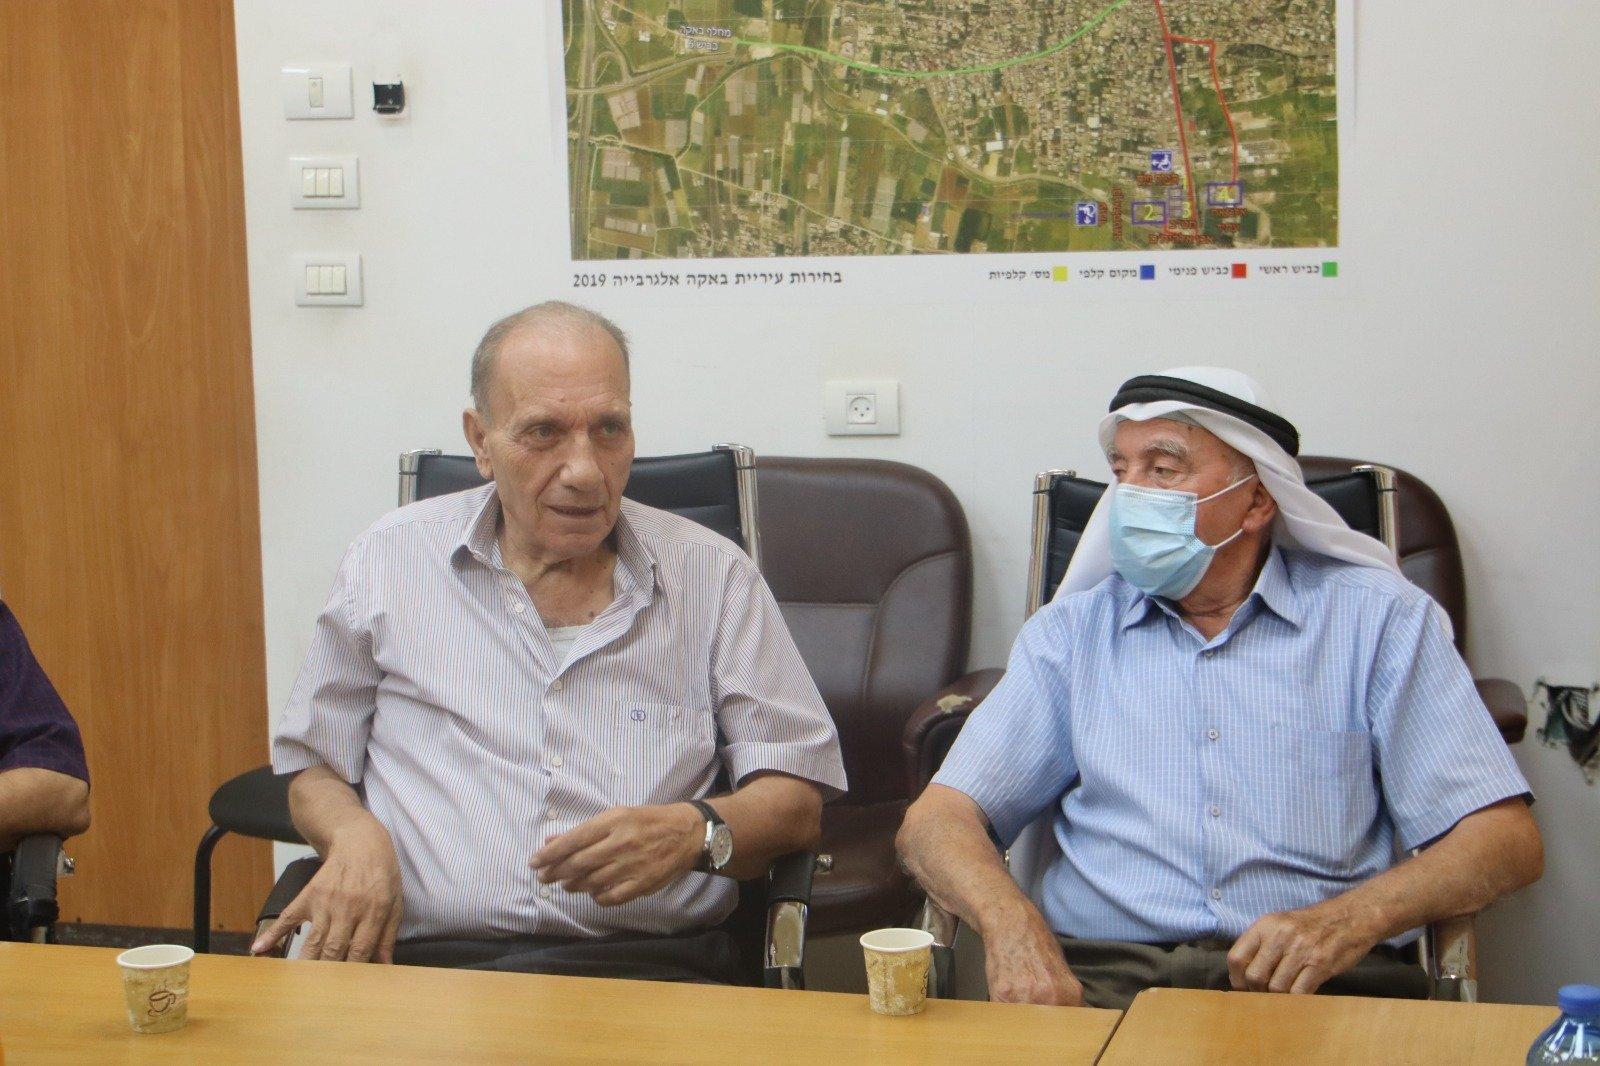 وفد وإدانة حادثة العنف التي تعرض لها رئيس باقة الغربية-9